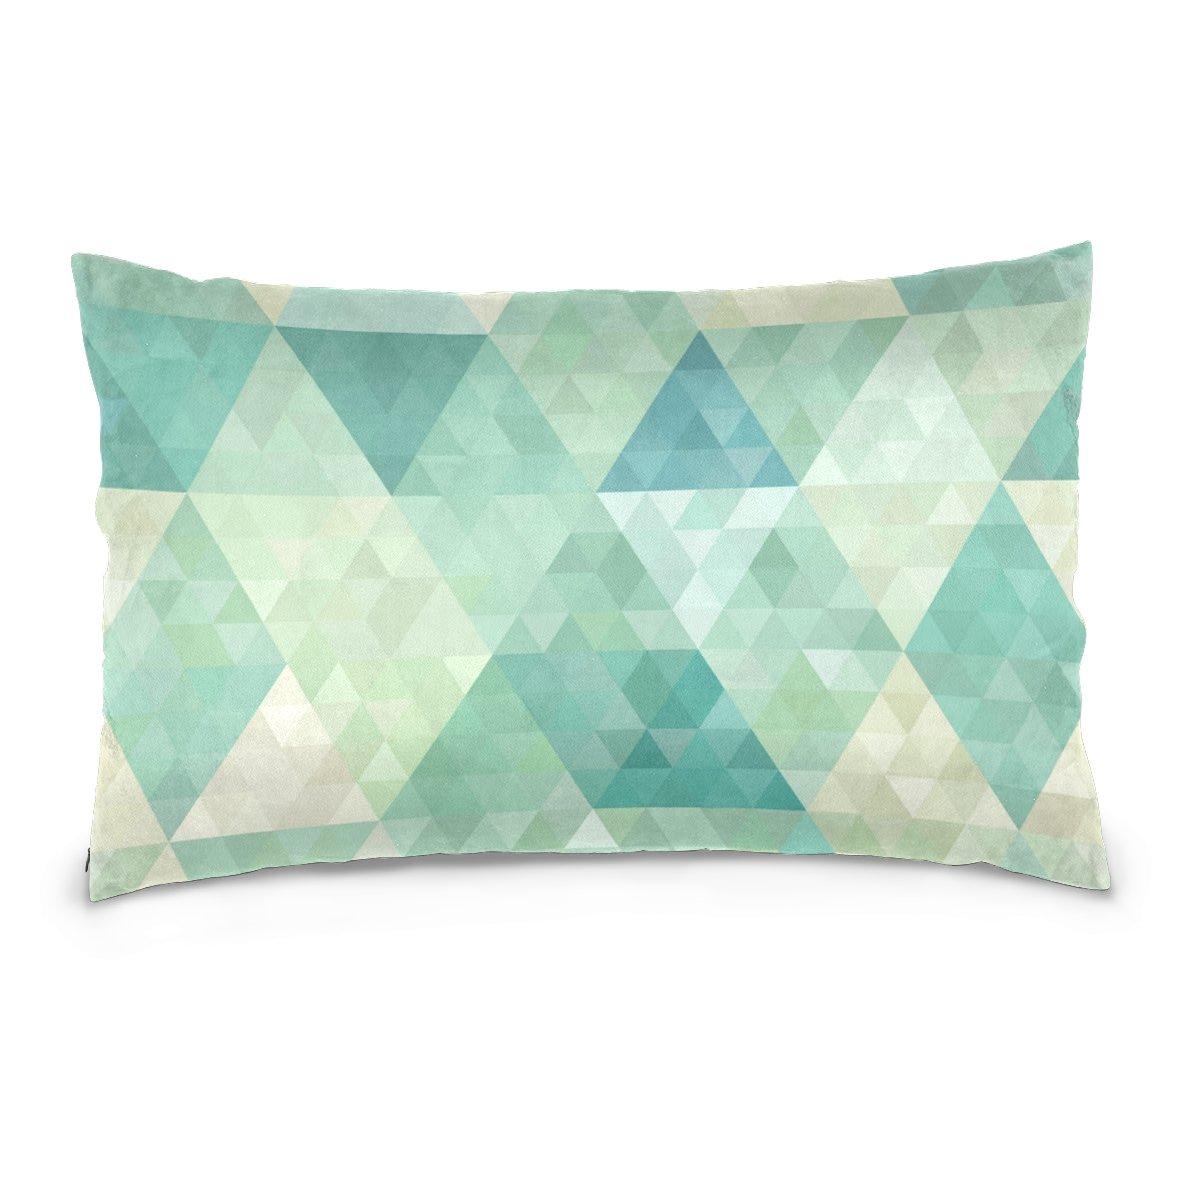 Amazon.com: Dragon Sword - Funda de almohada geométrica para ...